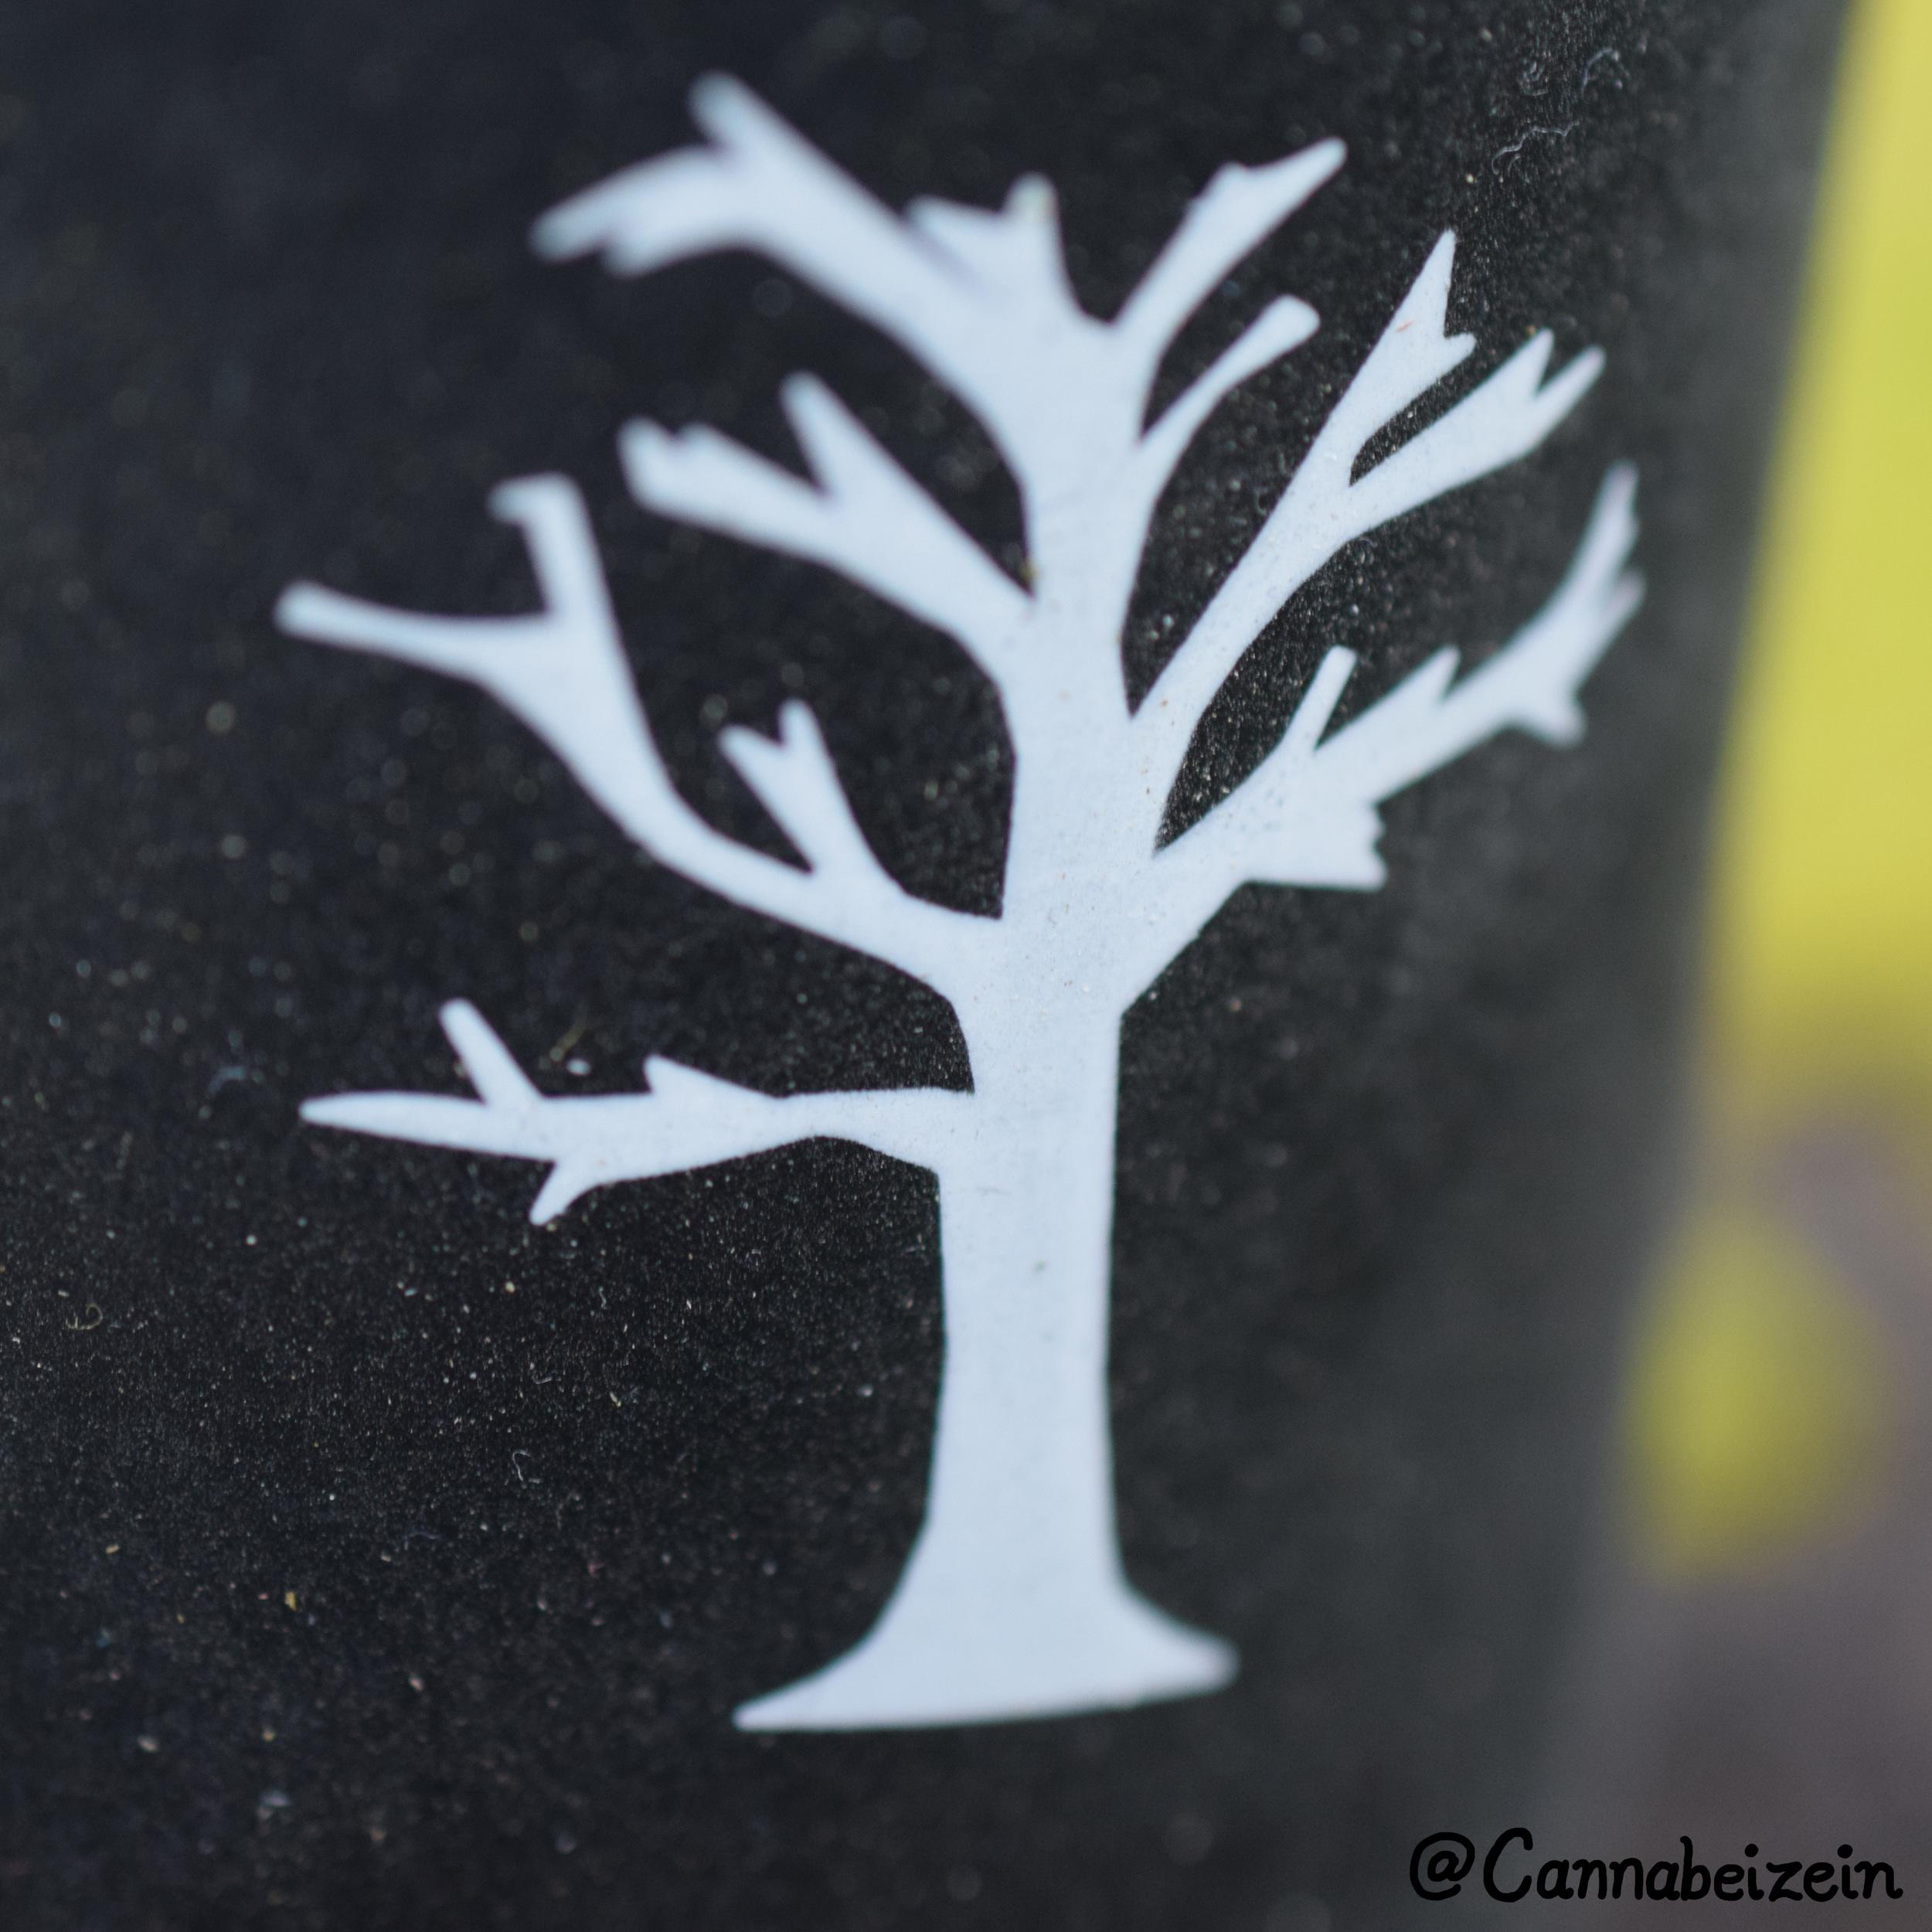 Mason Re Tree